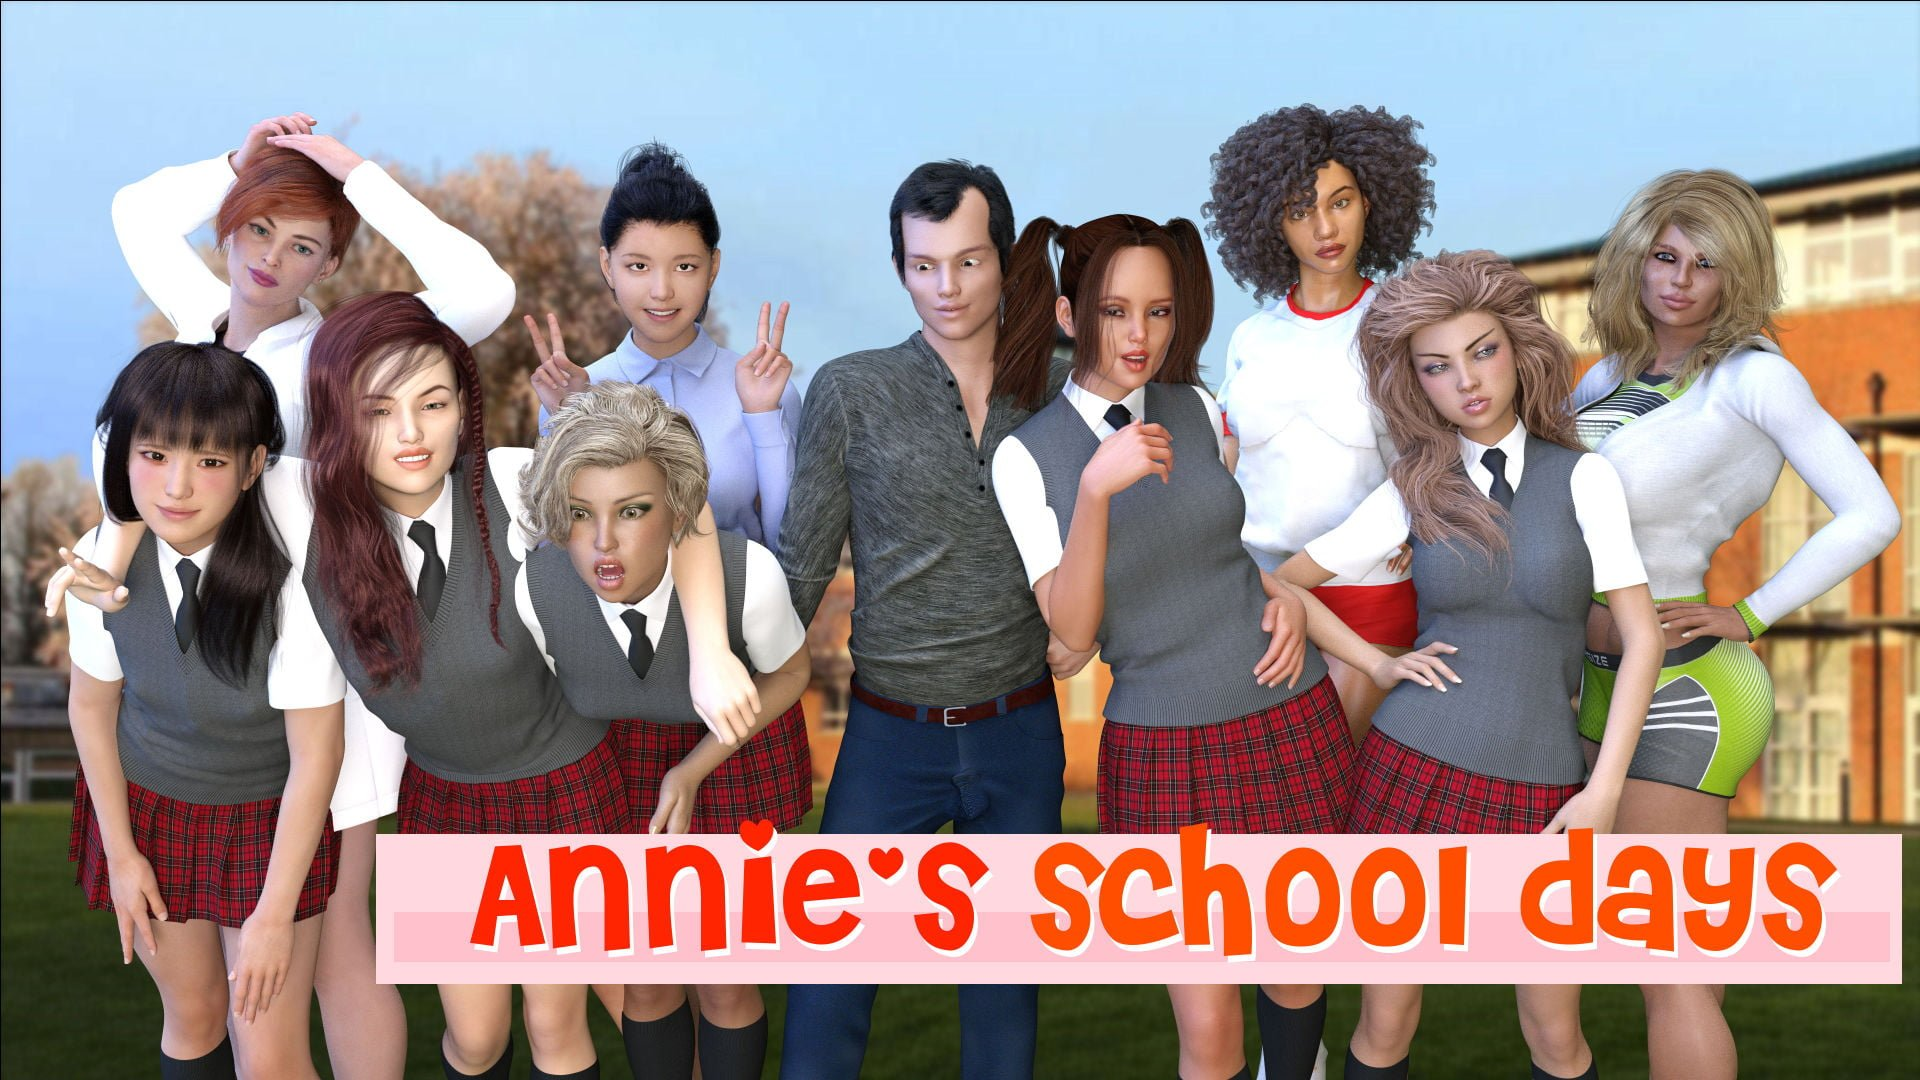 Annie's School Days – Version 0.7 - Best family incest game 12